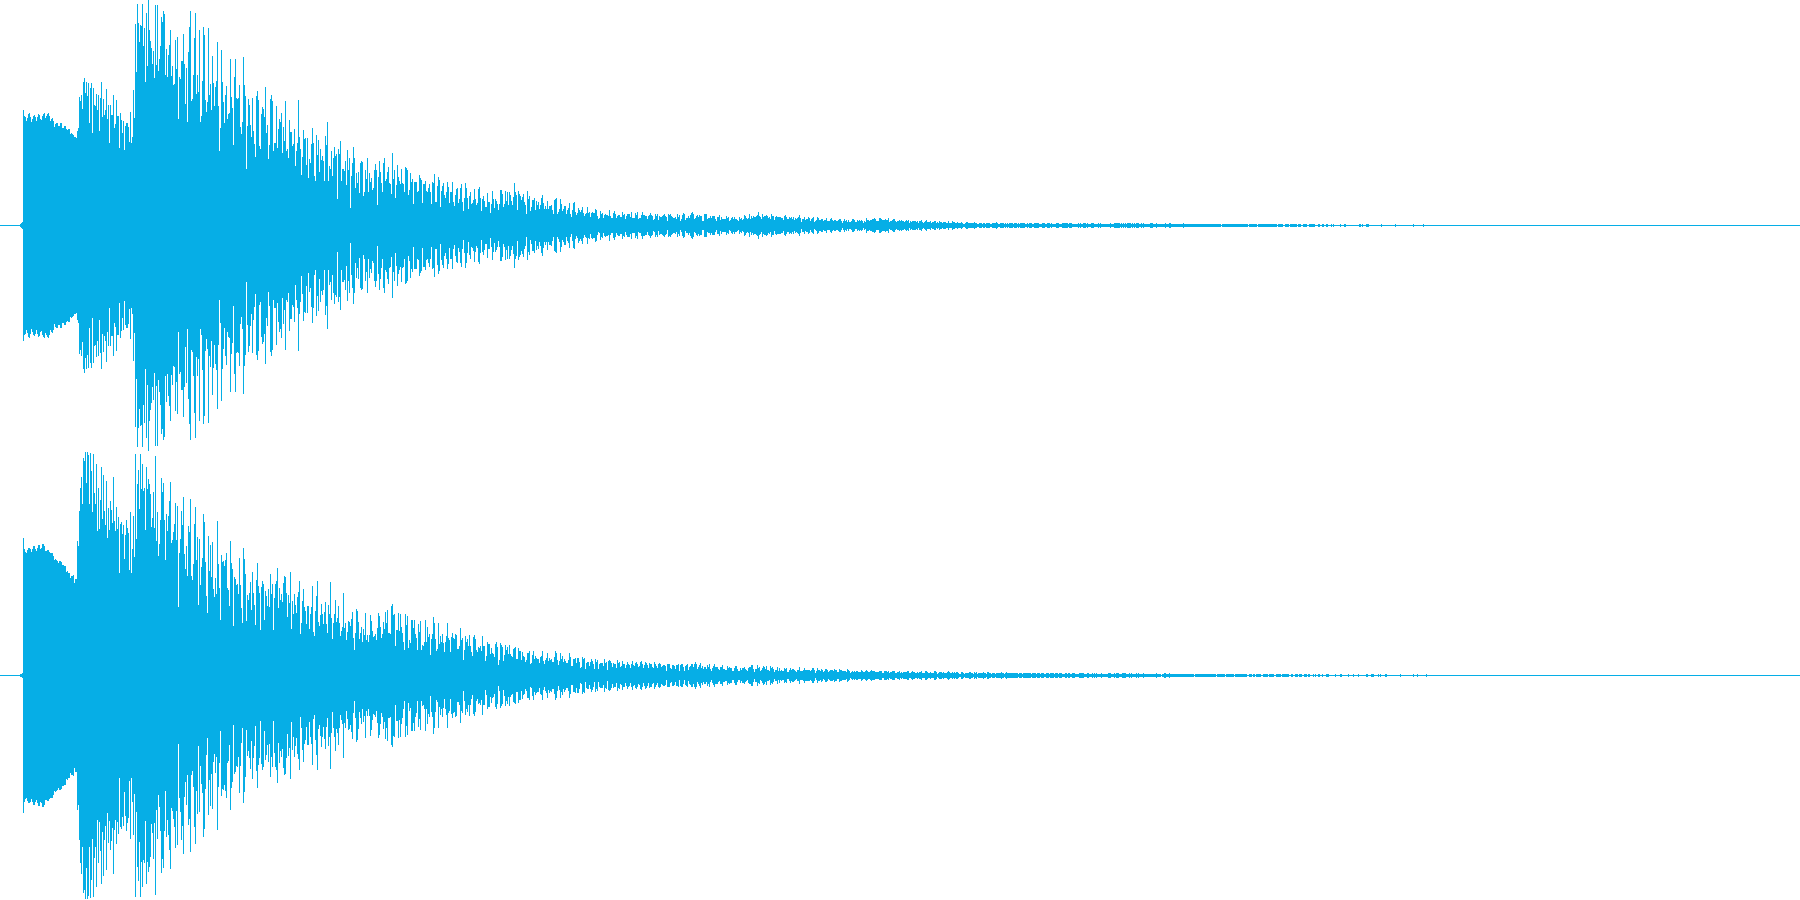 タ↑ラ↓ラン↑(キラキラ、STG)の再生済みの波形